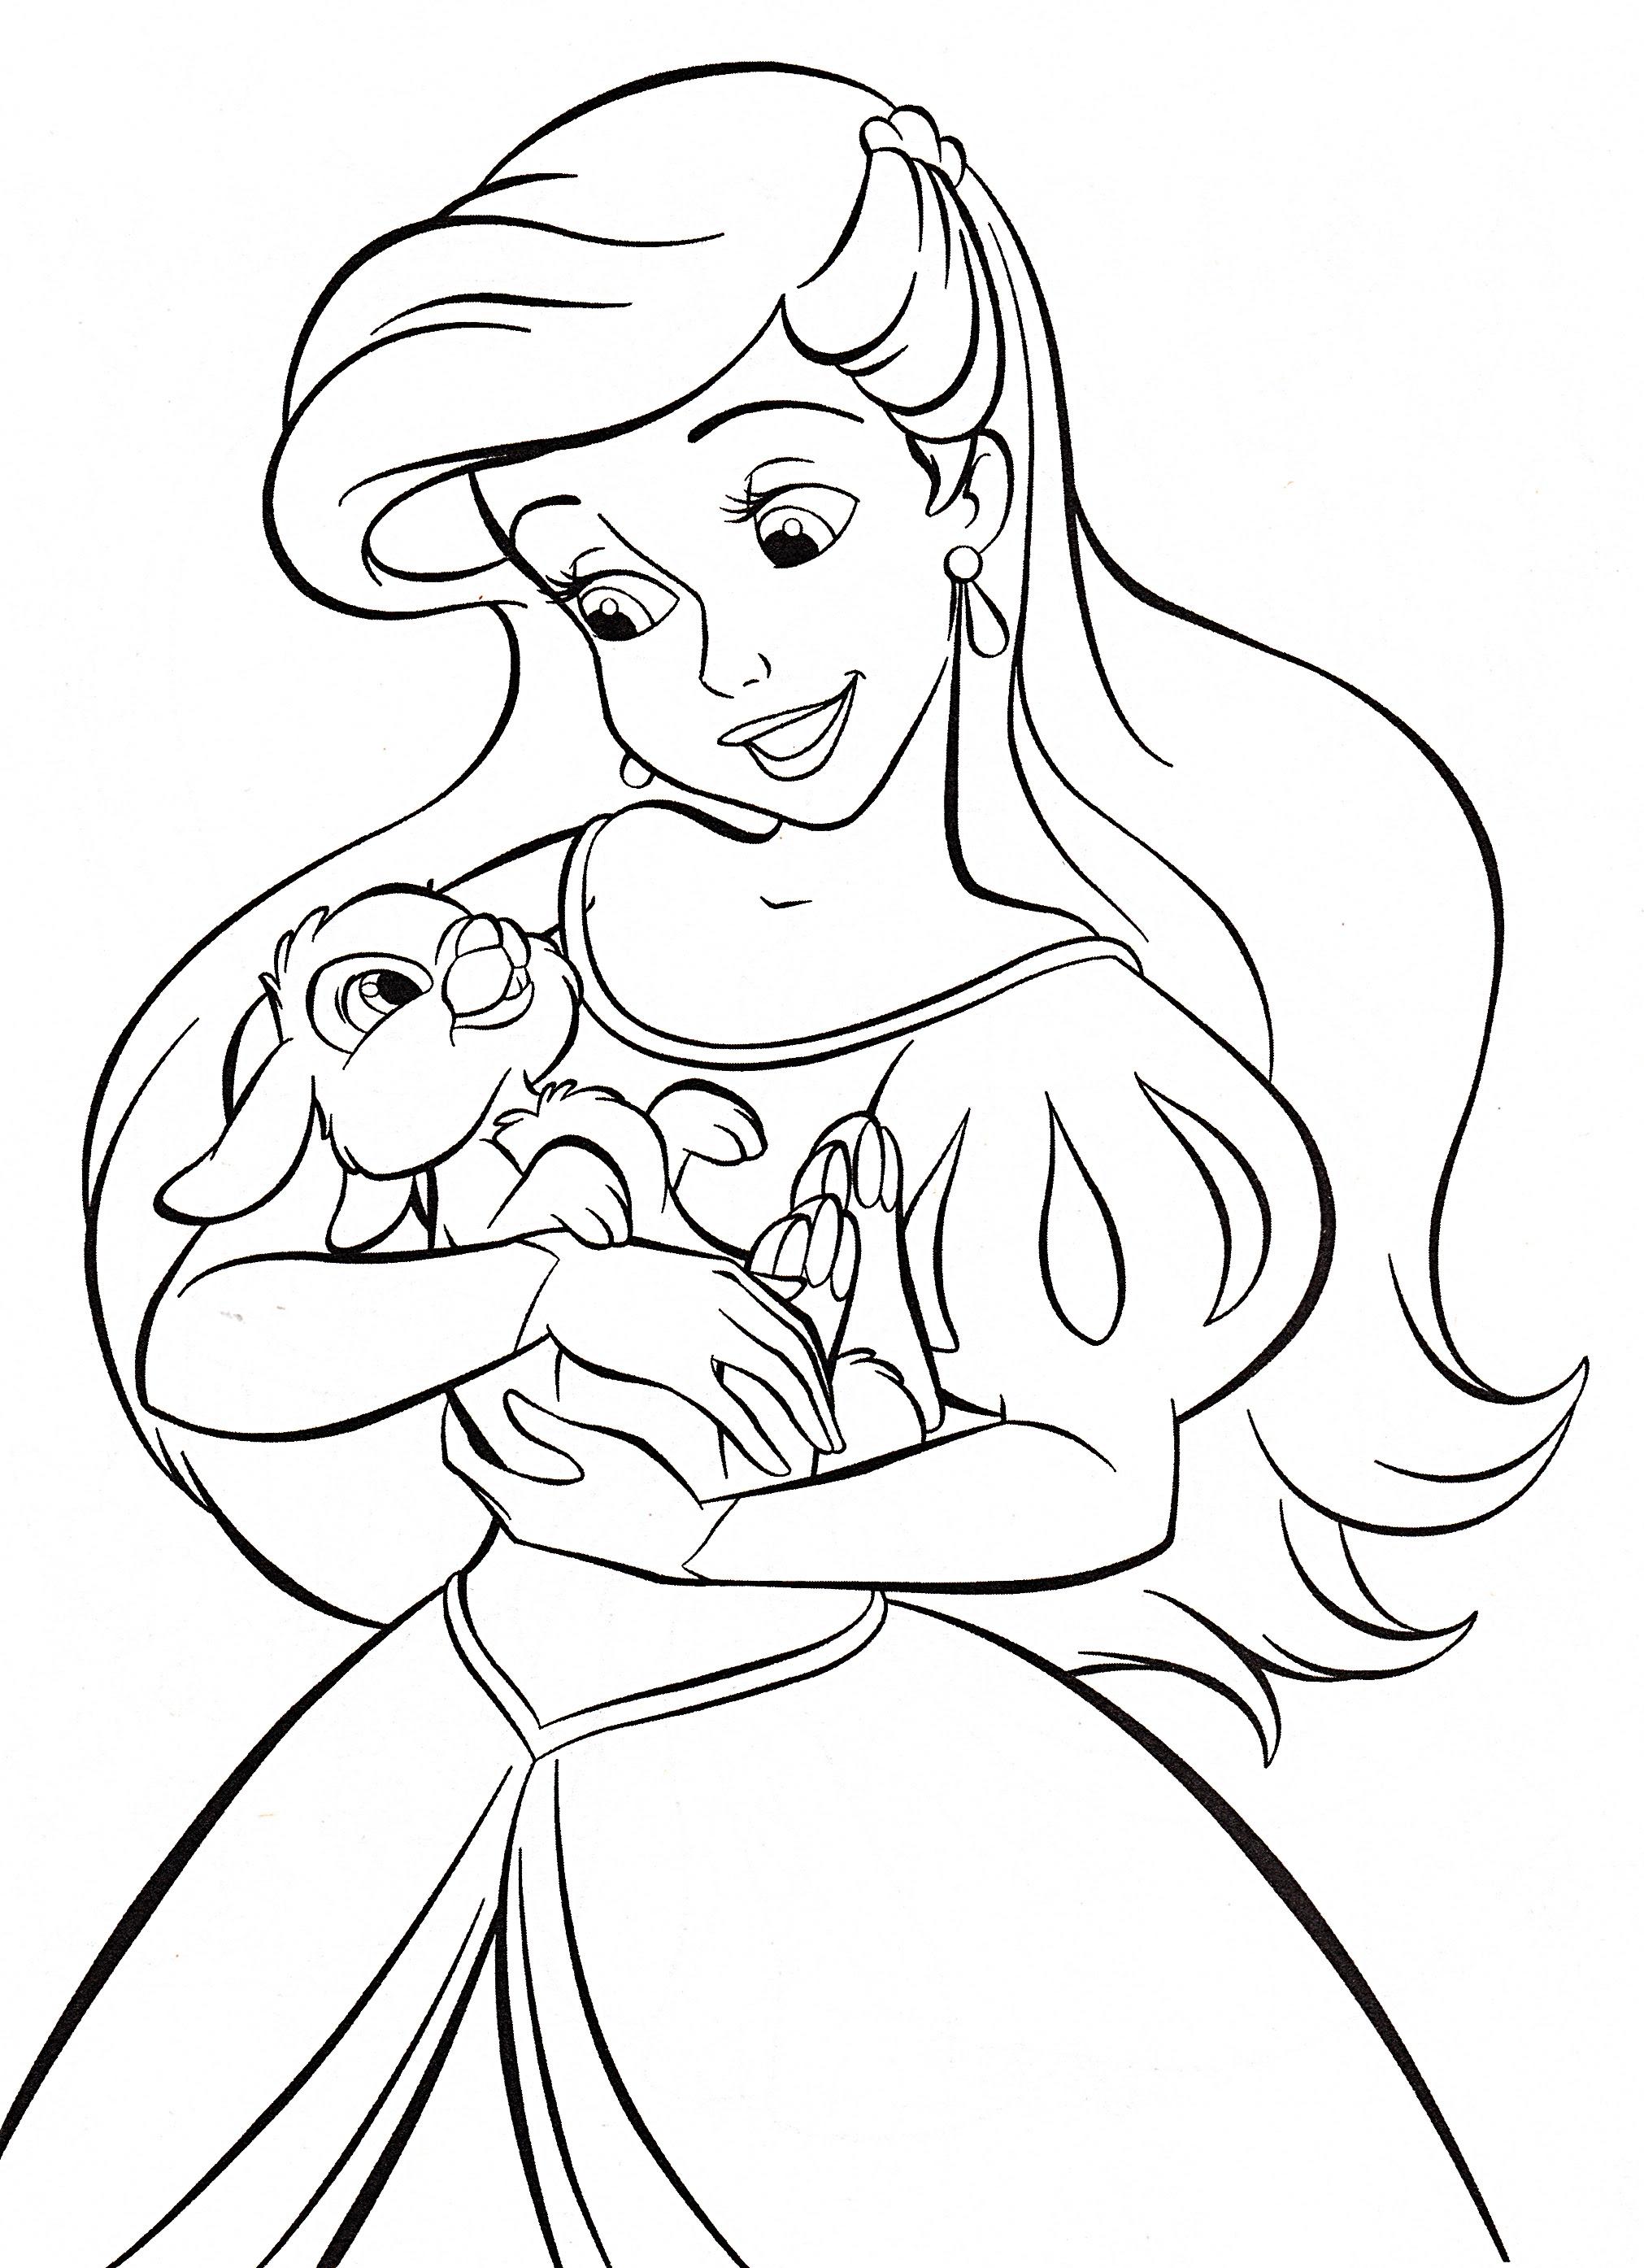 Walt disney Coloring Pages - Princess Ariel - personajes ...